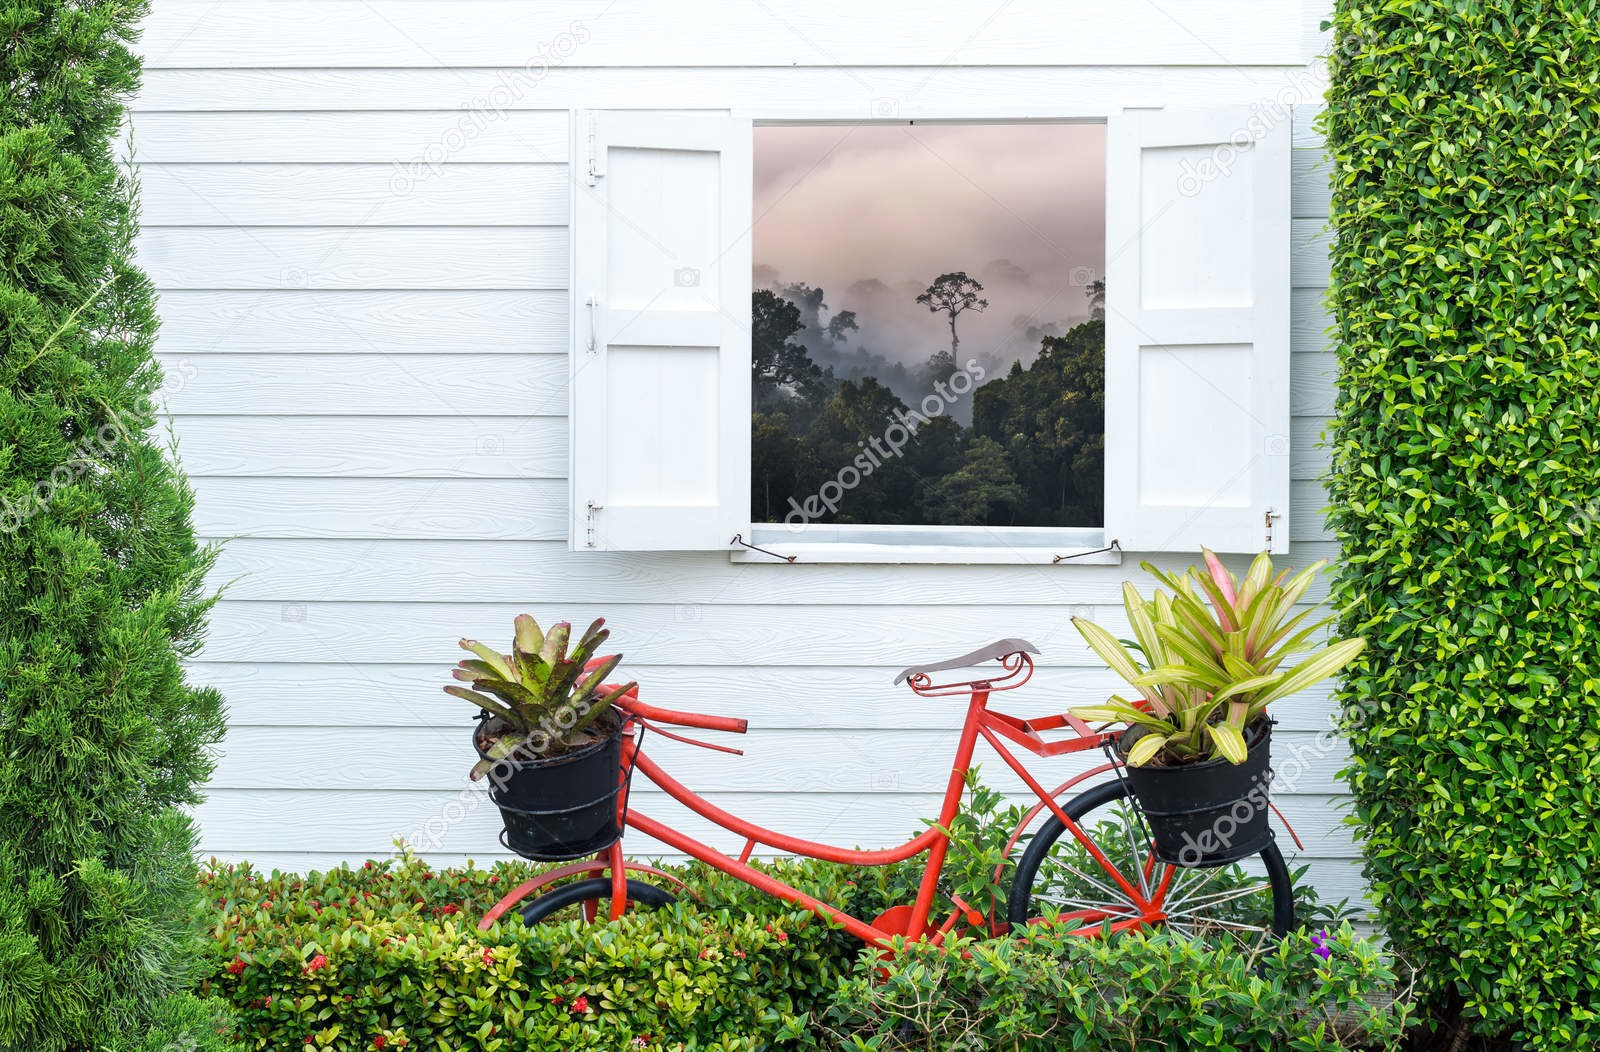 Велосипед и горный пейзаж в окне